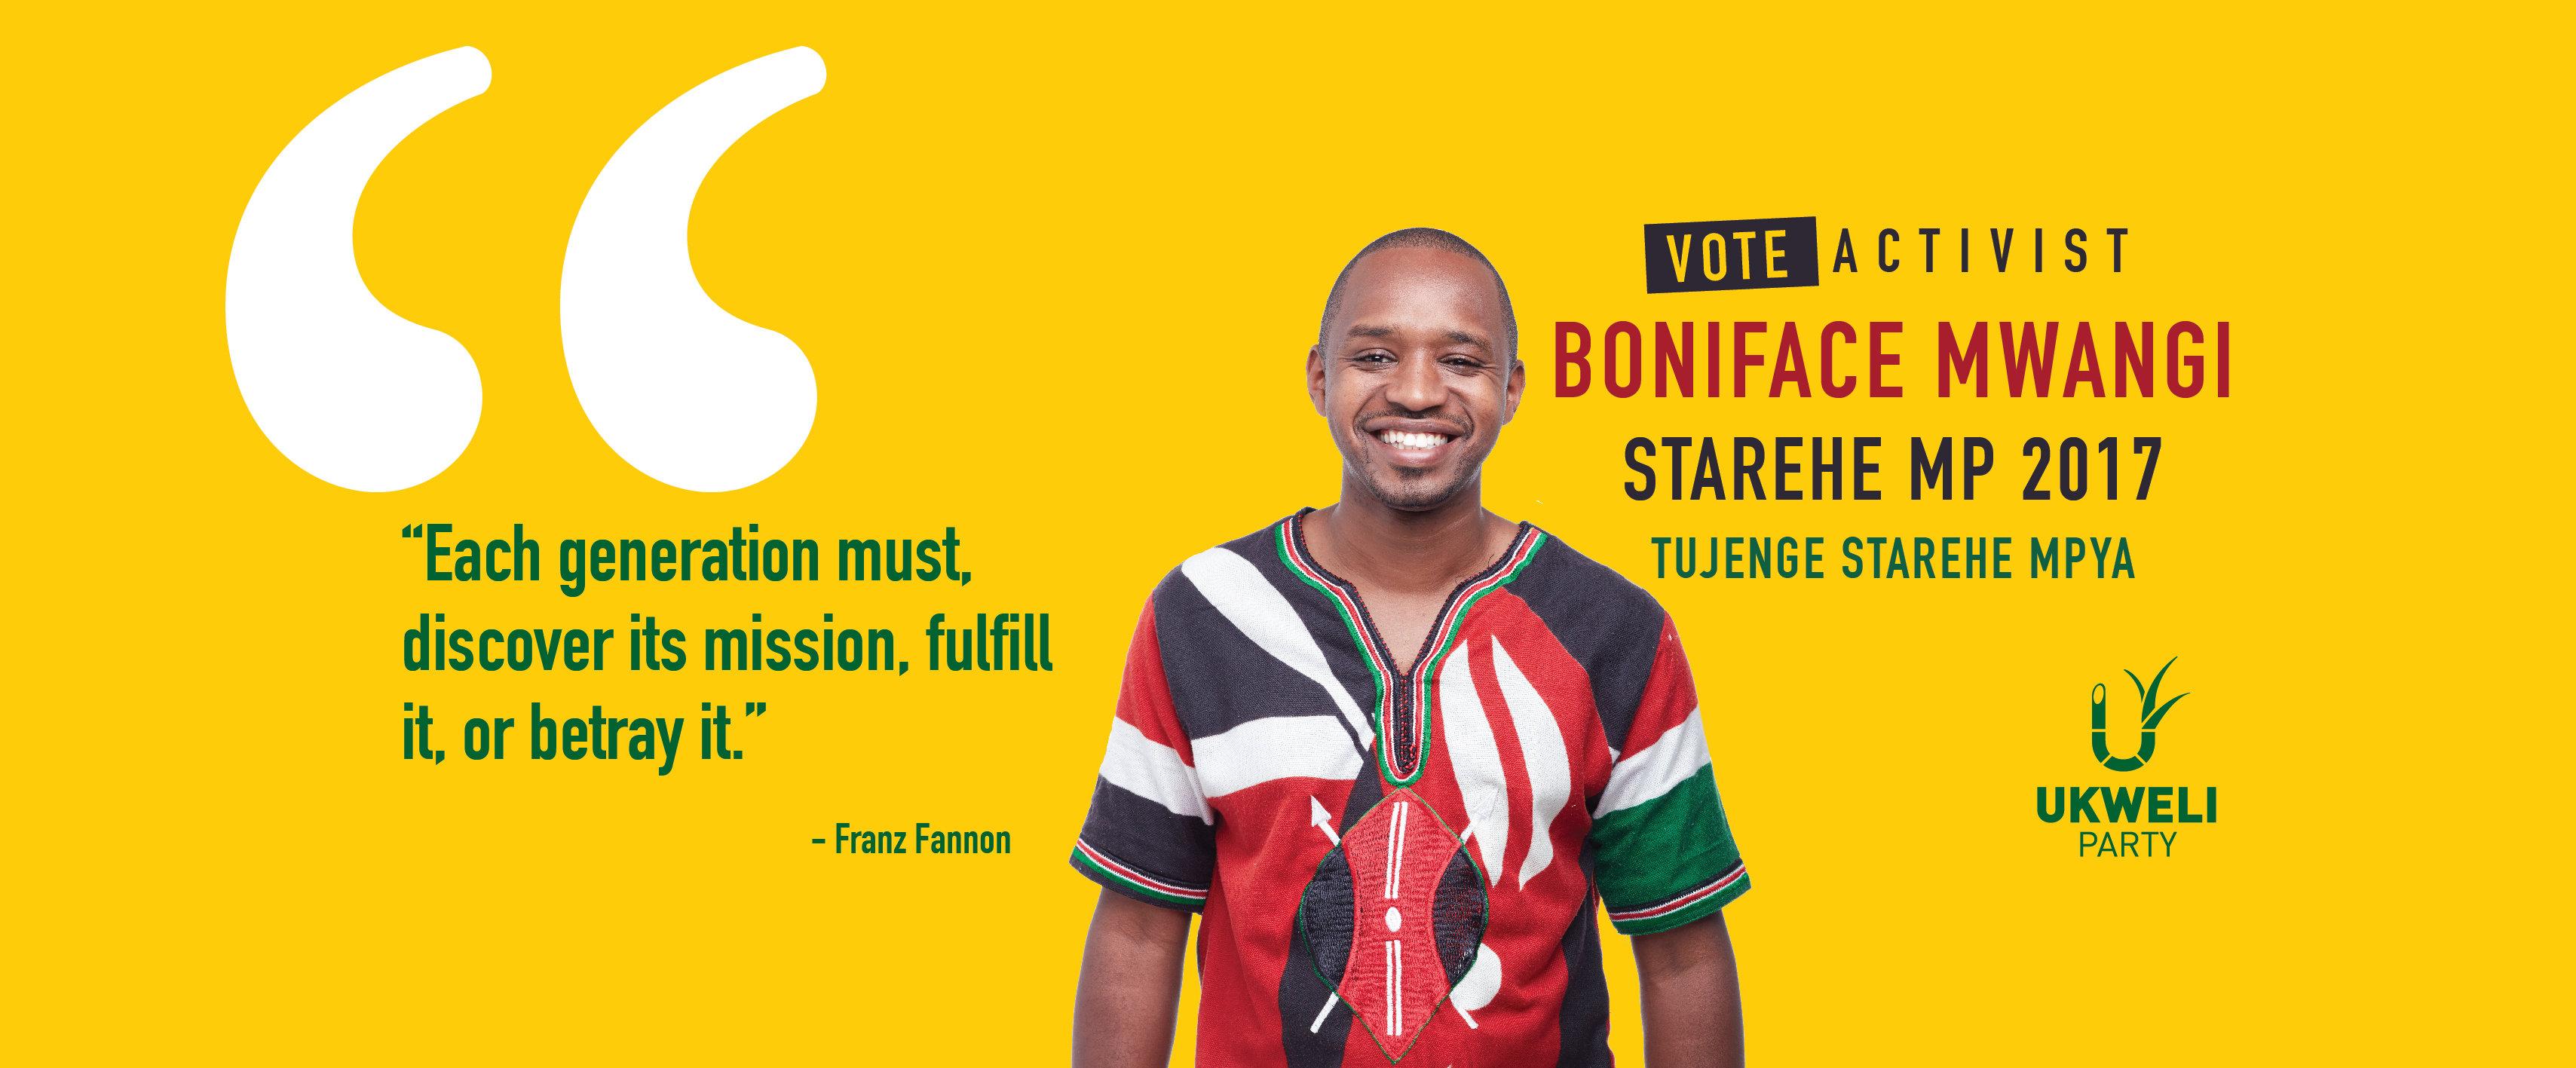 Qu Nia Elei Es Gerais De Agosto De 2017 Ukweli Party Boniface